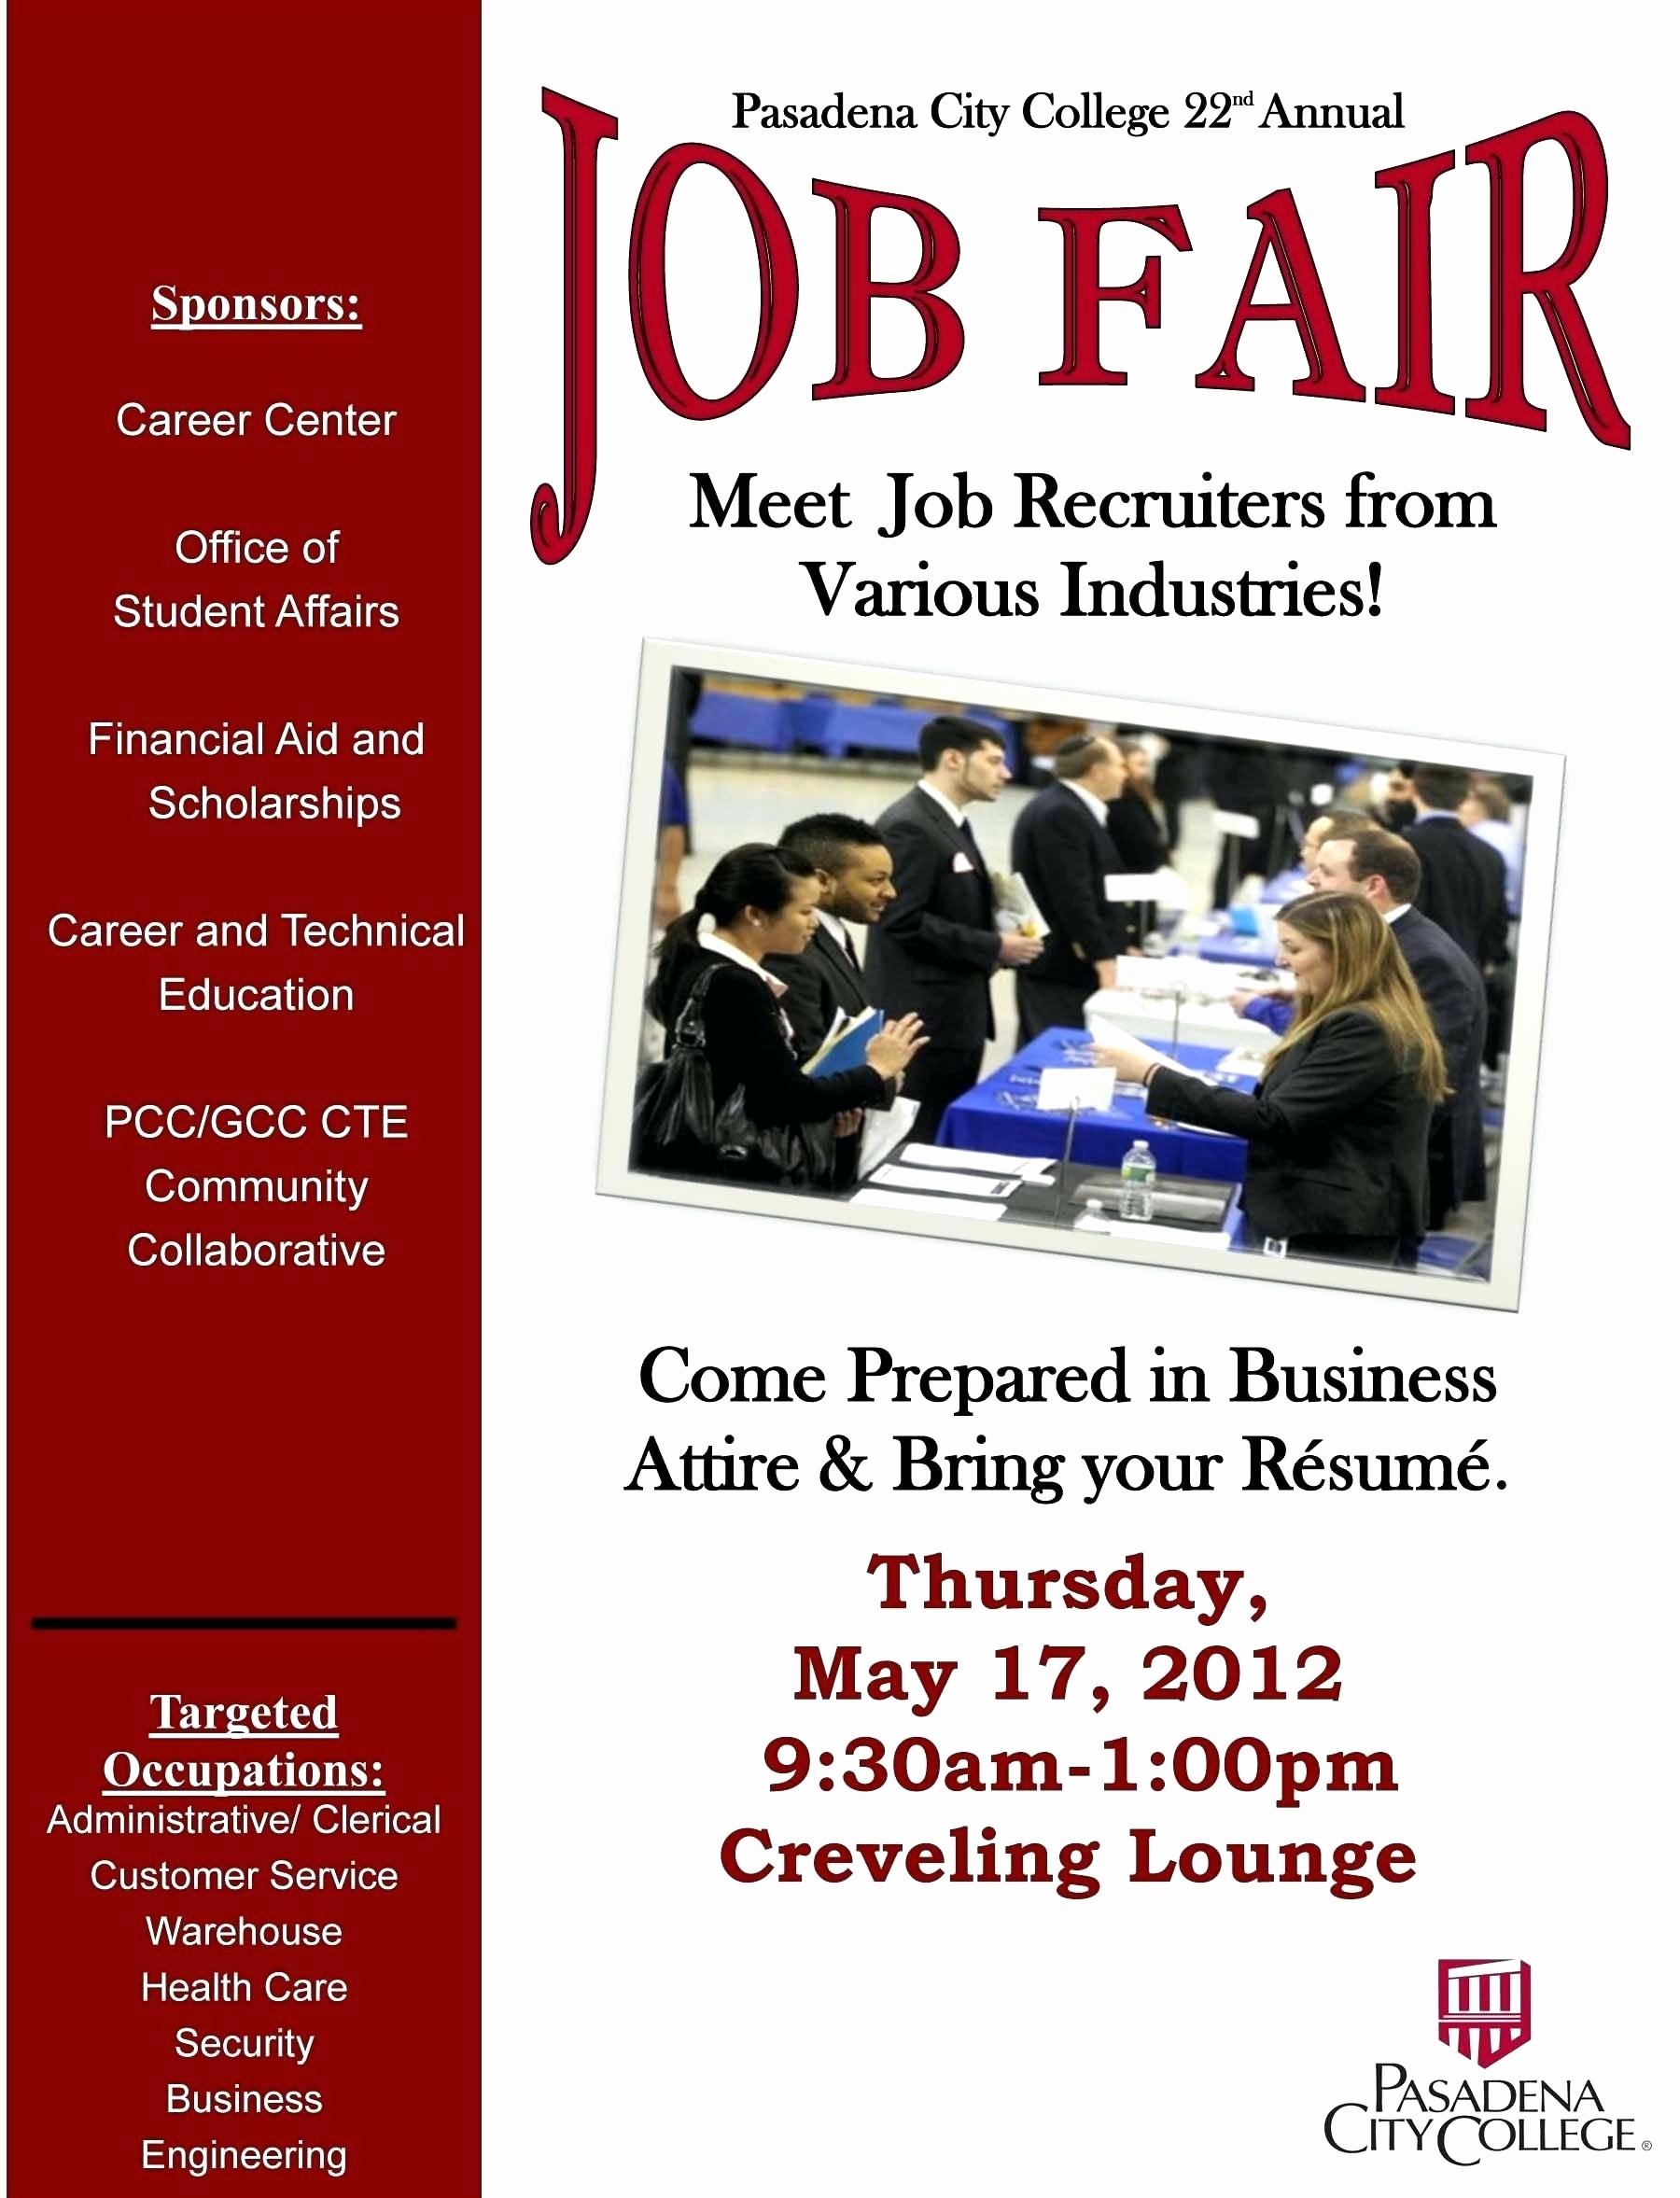 Job Fair Flyer Template Lovely Sample Job Fair Flyers